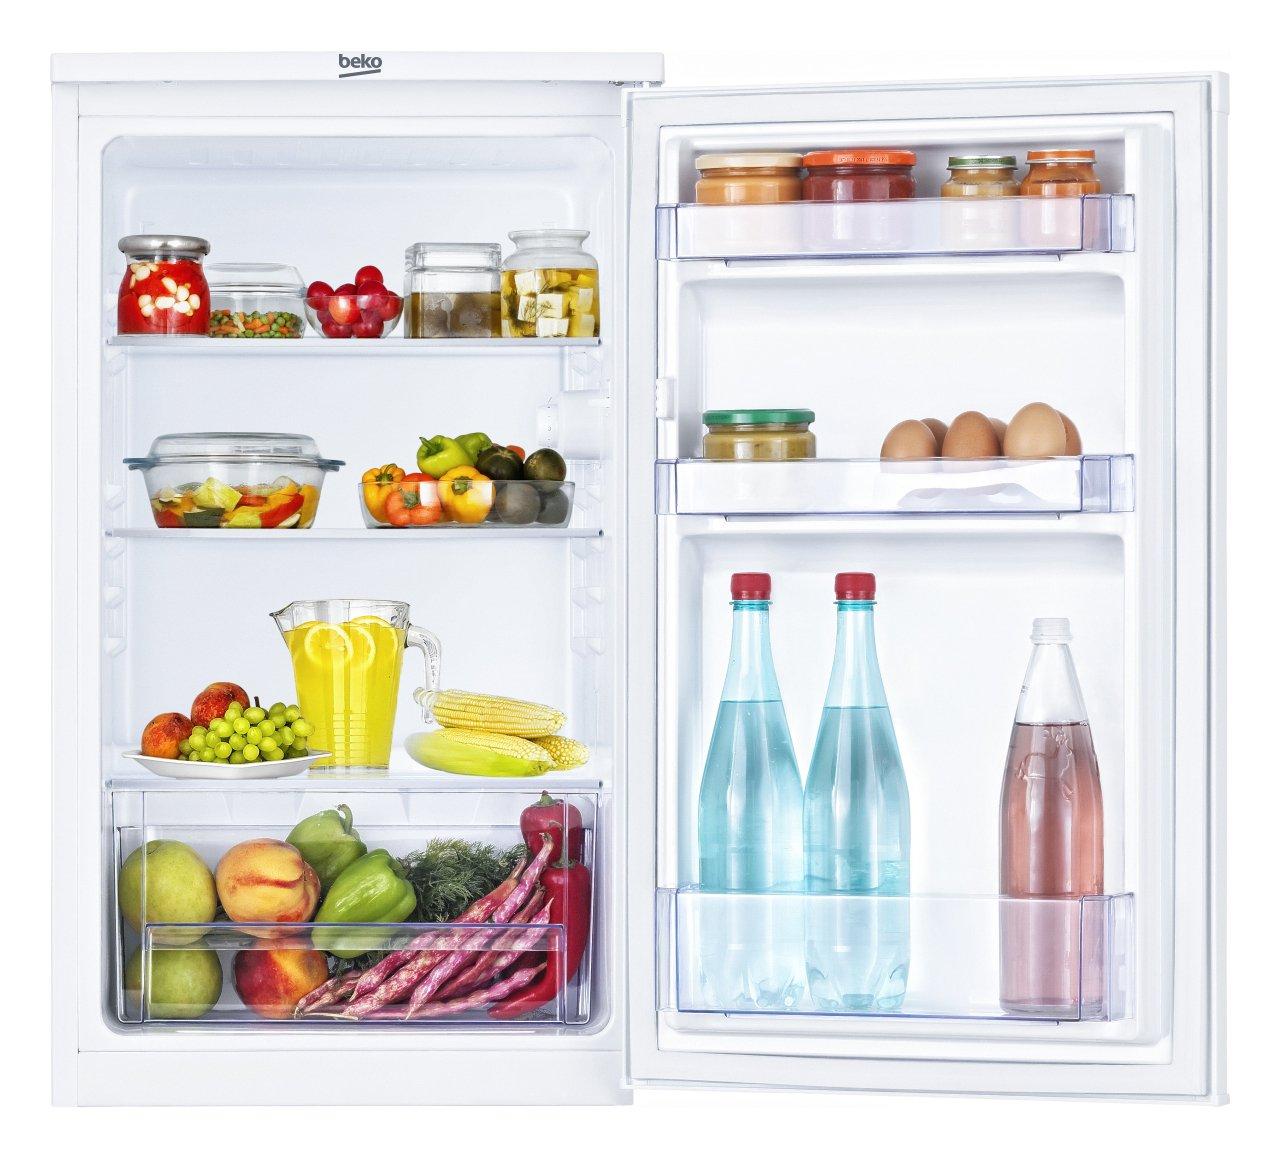 Kühlschrank Test » Die besten Modelle für 2018 im Vergleich